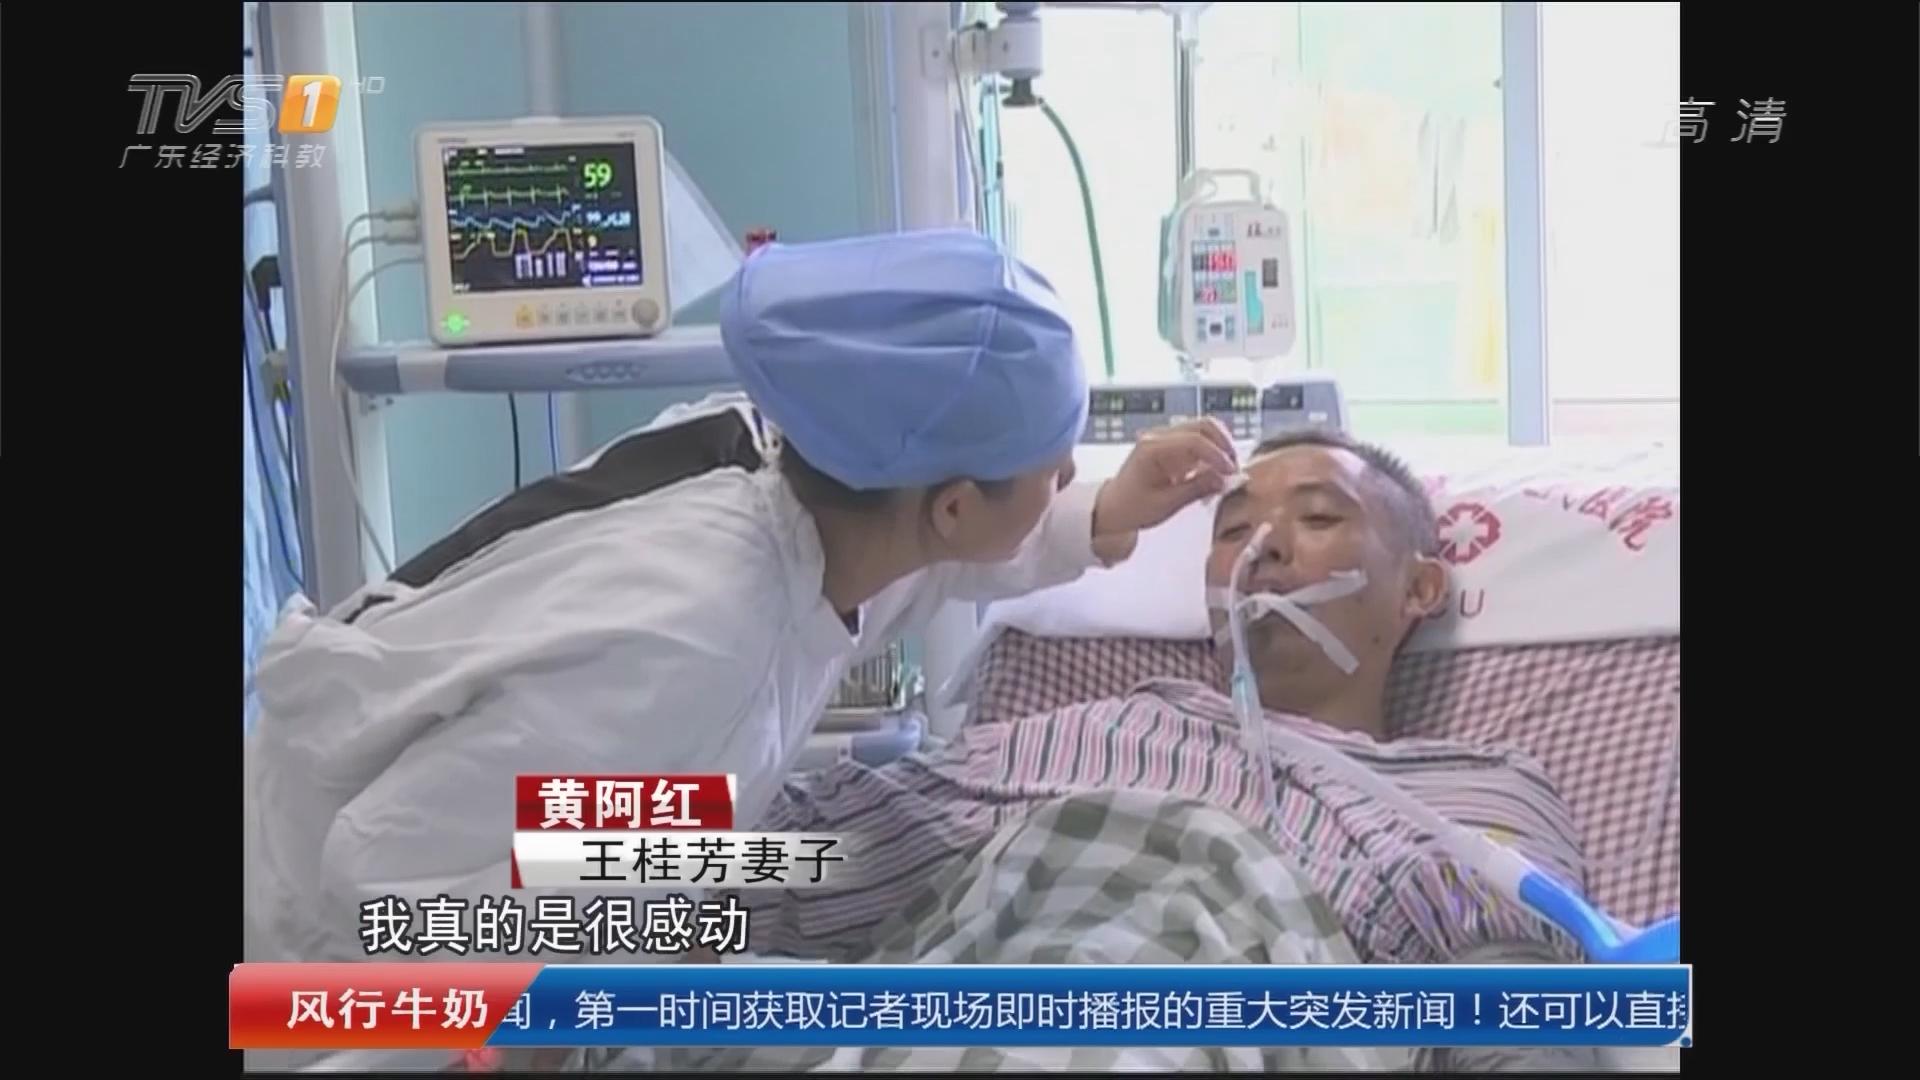 """系列报道""""温度"""":惠州双月湾 跳海救孩子 他被巨浪卷走险丧命"""